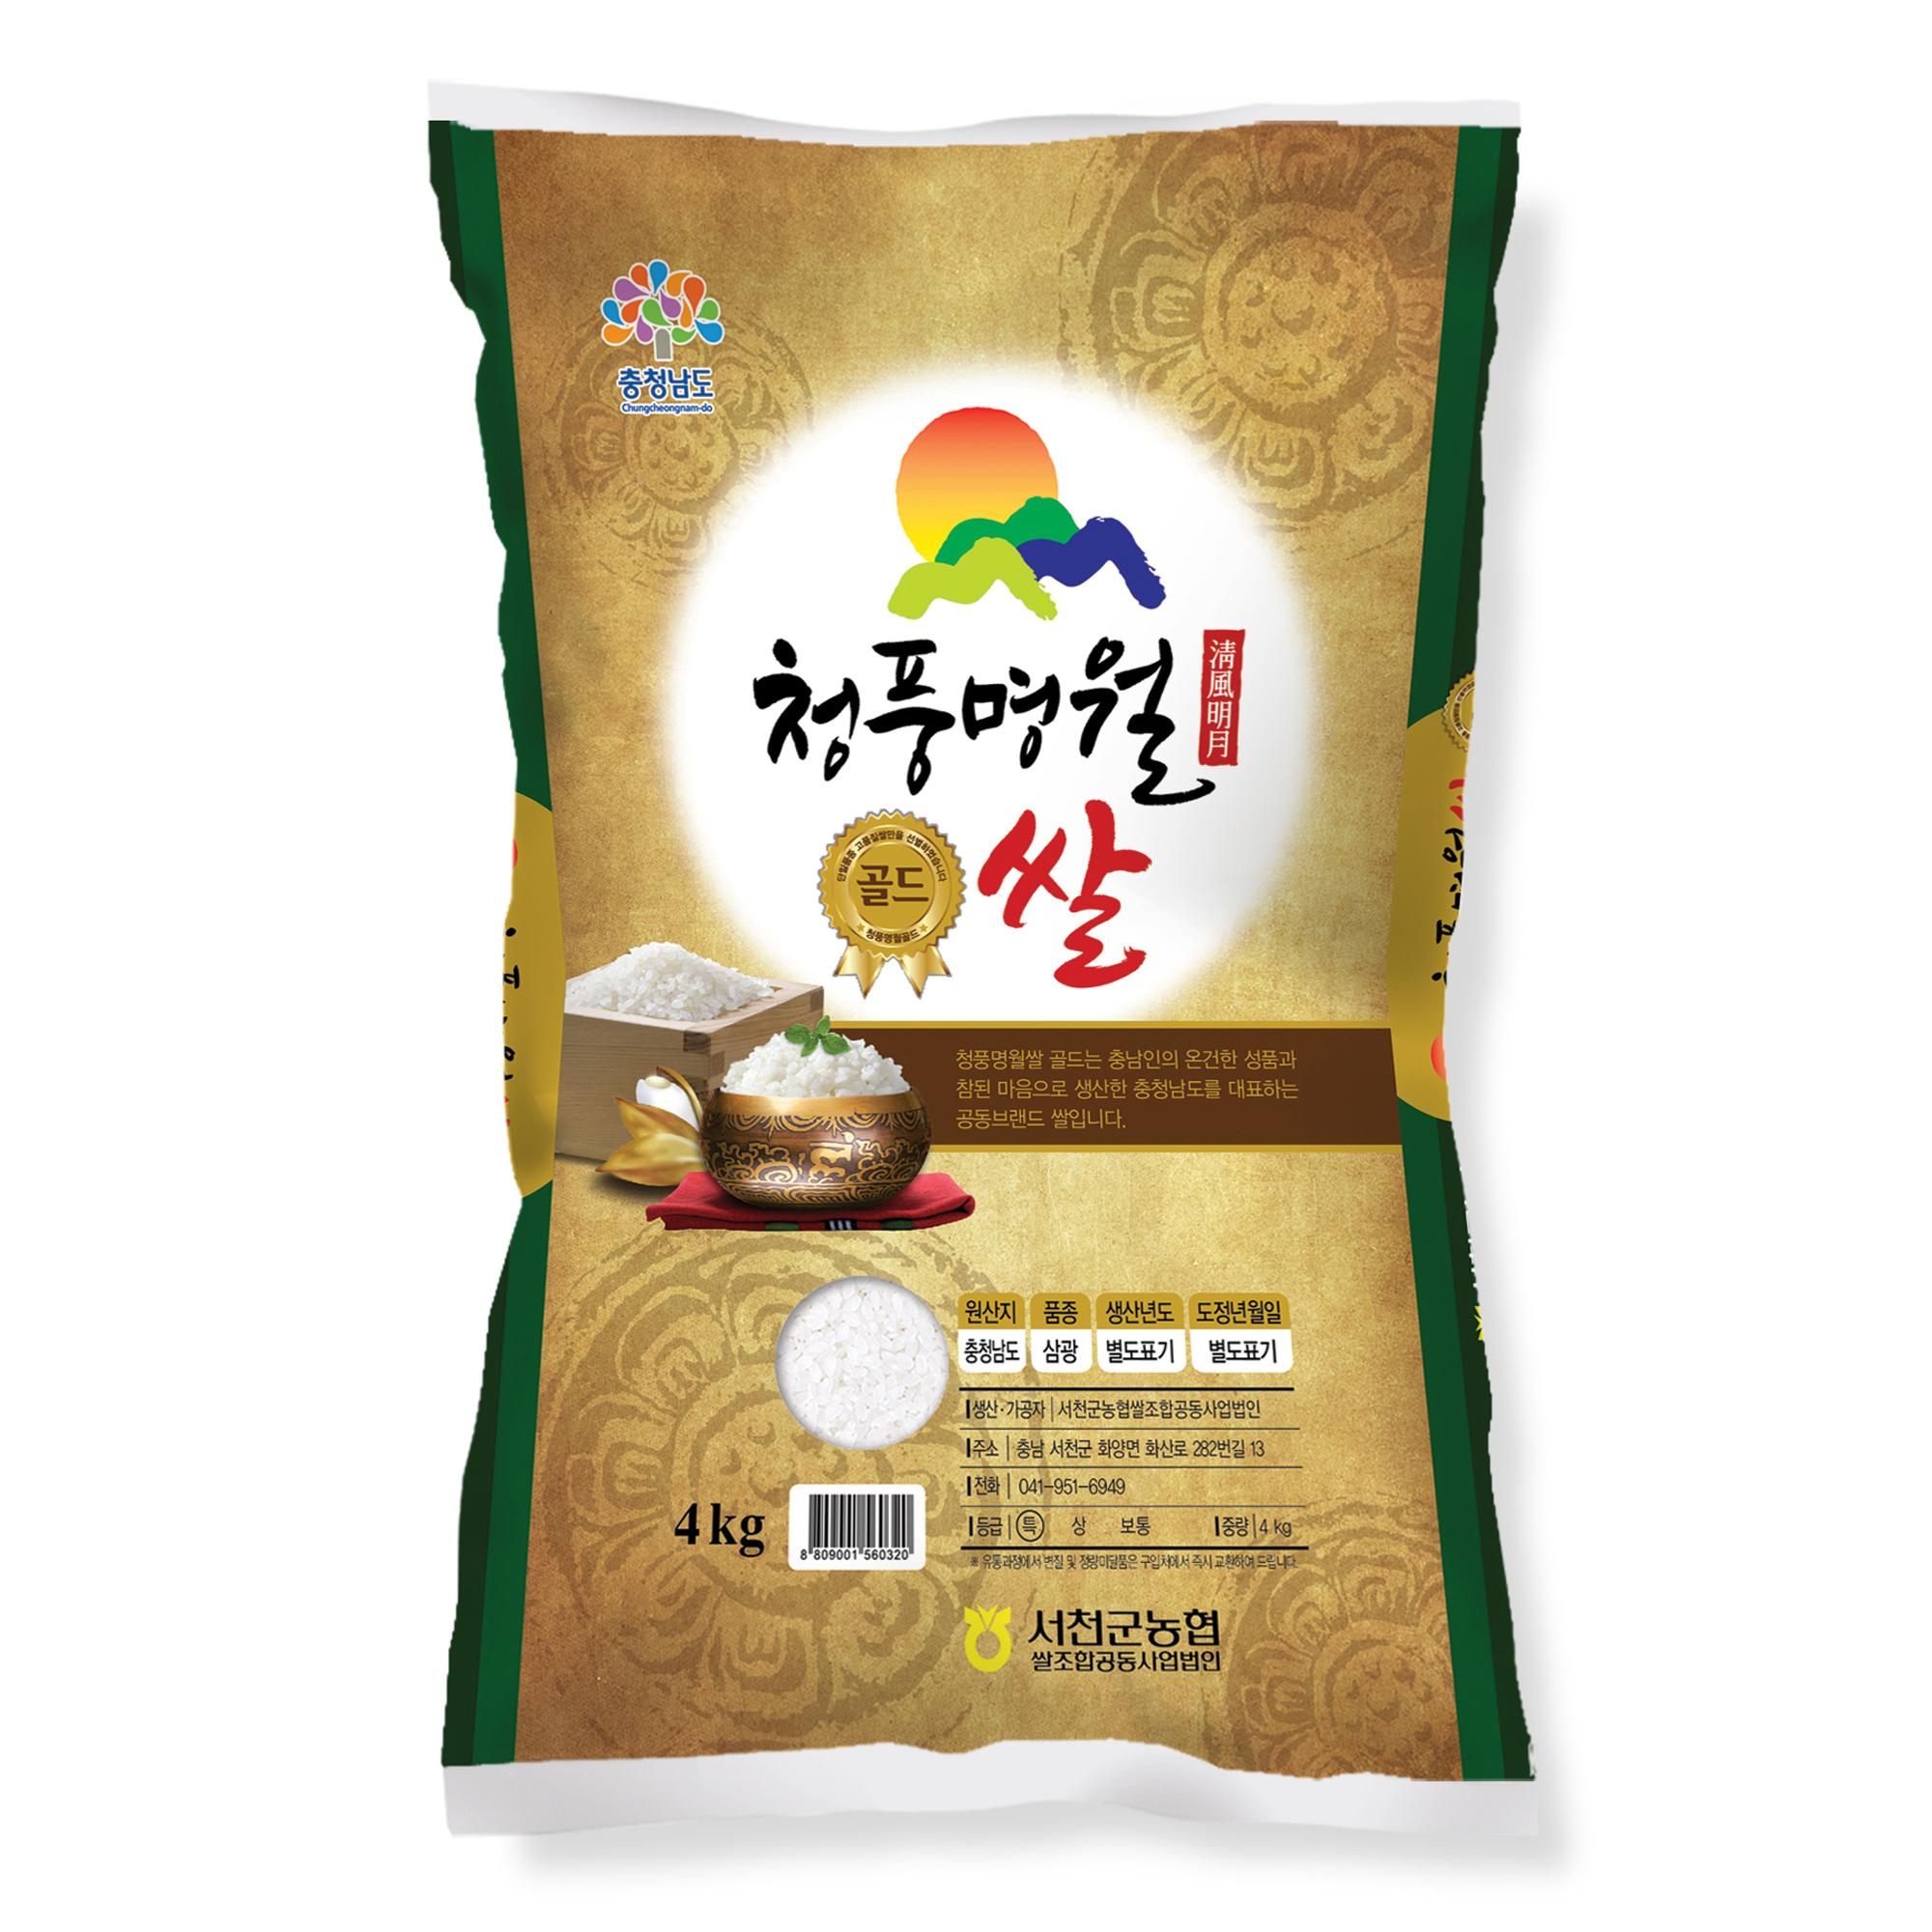 농협 청풍명월골드 삼광 쌀, 4kg, 1개